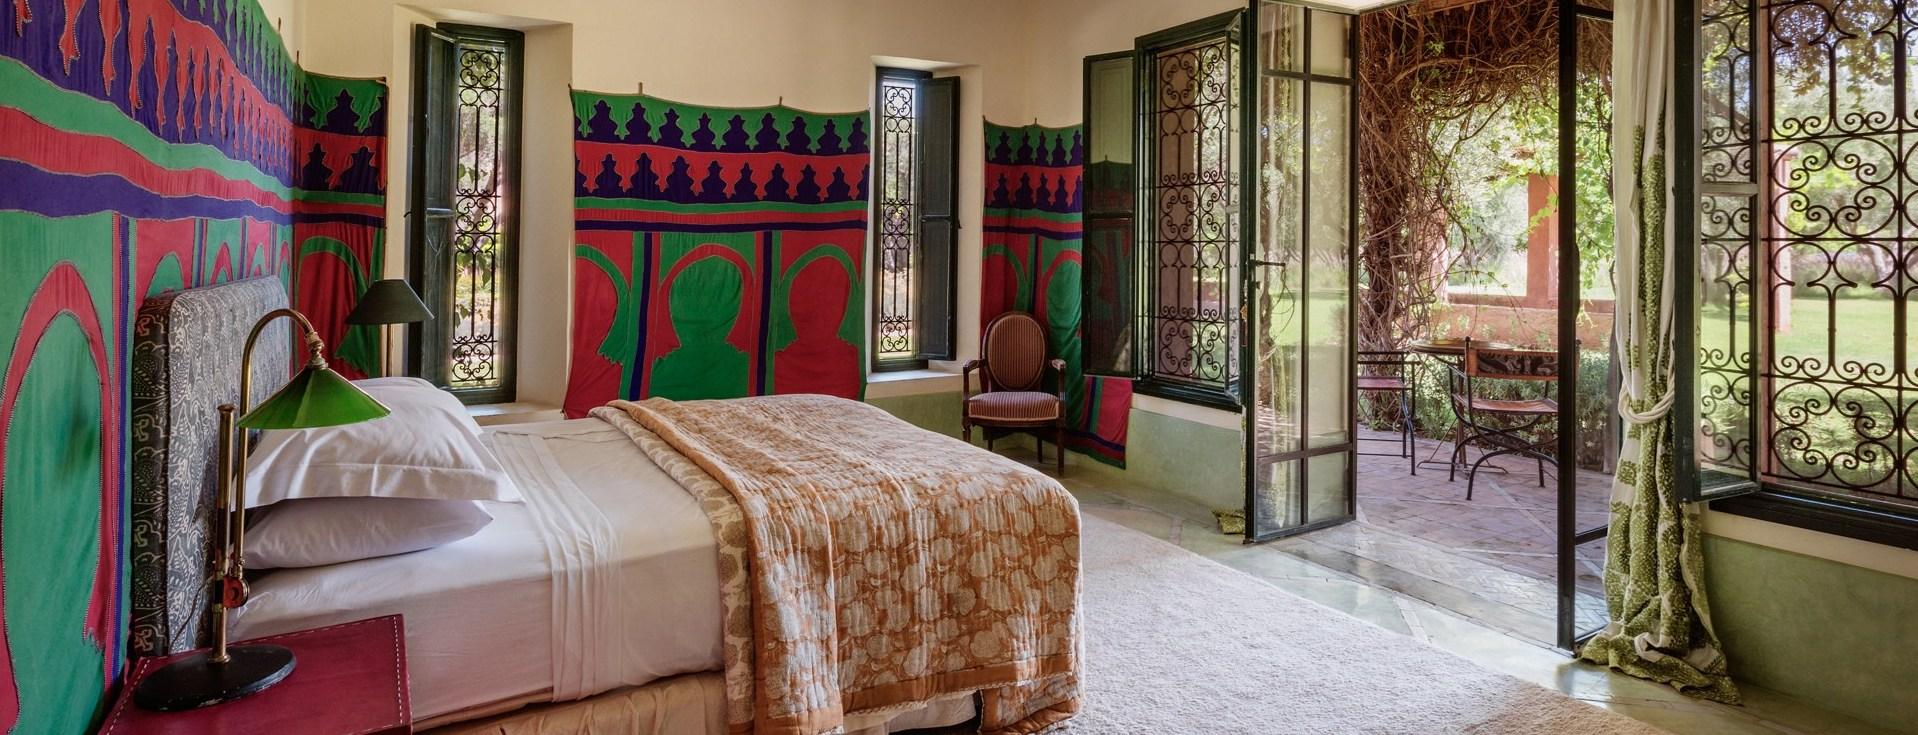 garden-pavilion-bedroom-suite